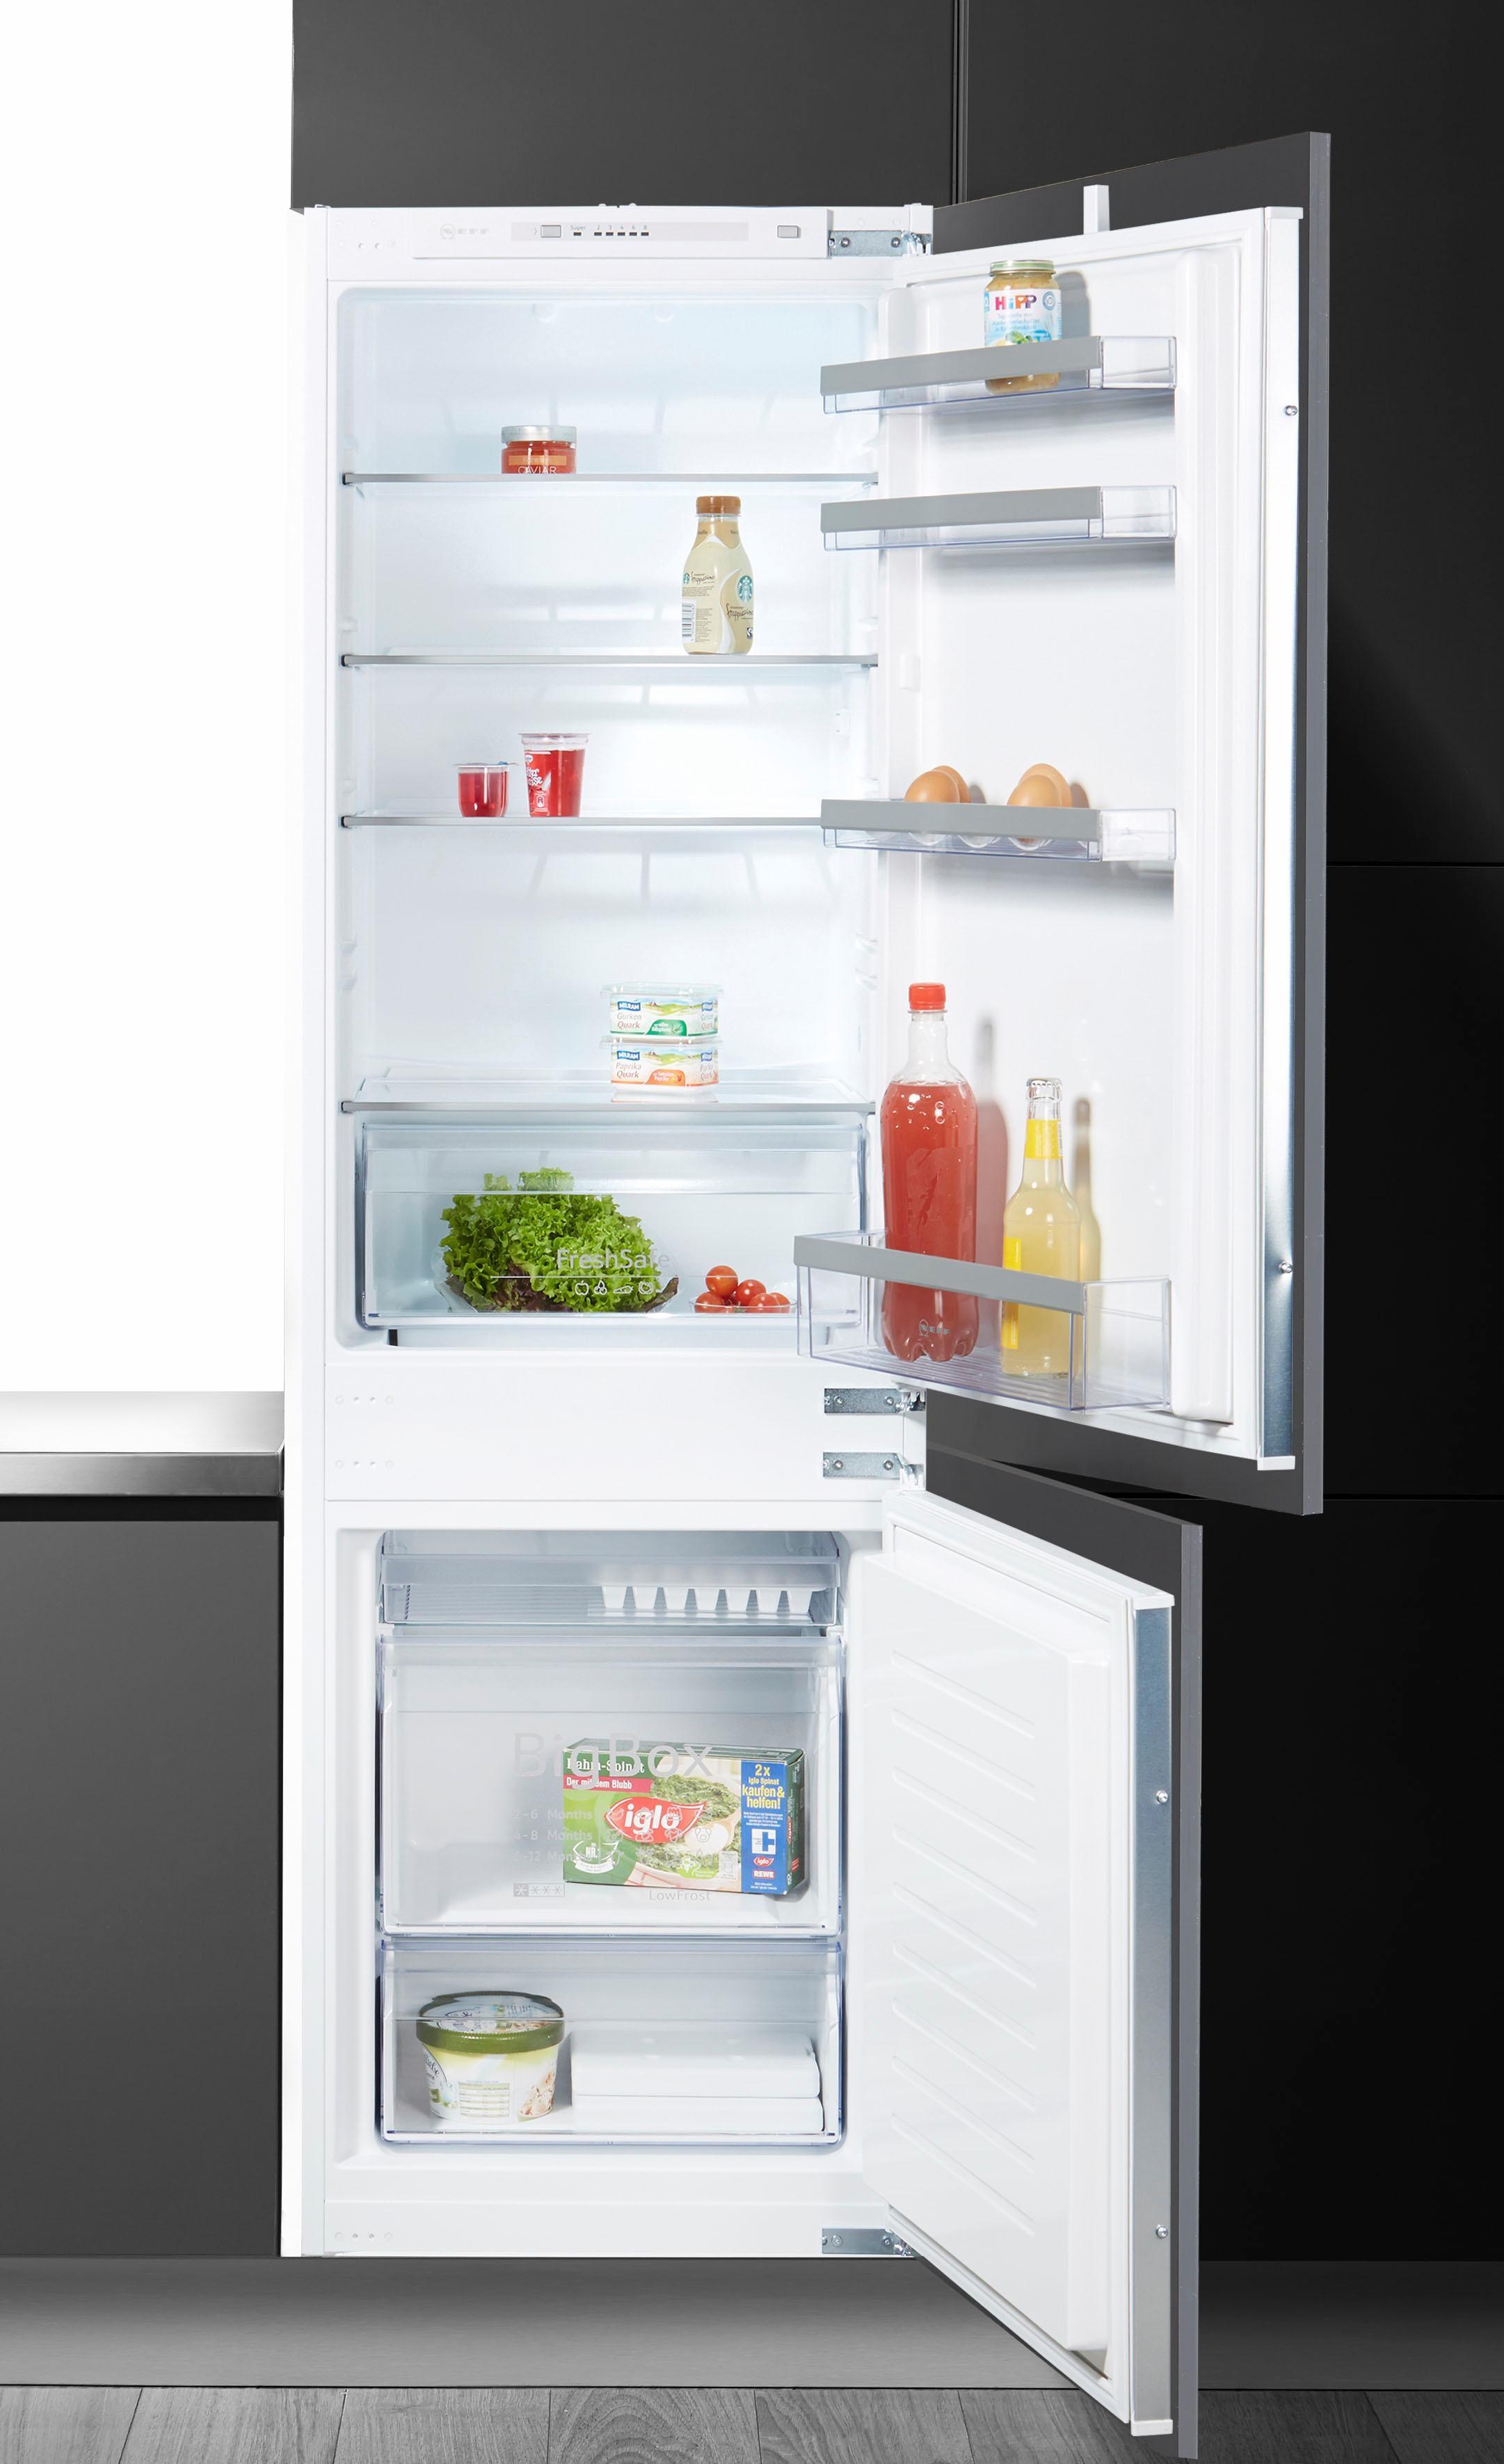 NEFF Einbaukühlgefrierkombination KG714A2, 177,2 cm hoch, 54,5 cm breit | Küche und Esszimmer > Küchenelektrogeräte > Kühl-Gefrierkombis | NEFF